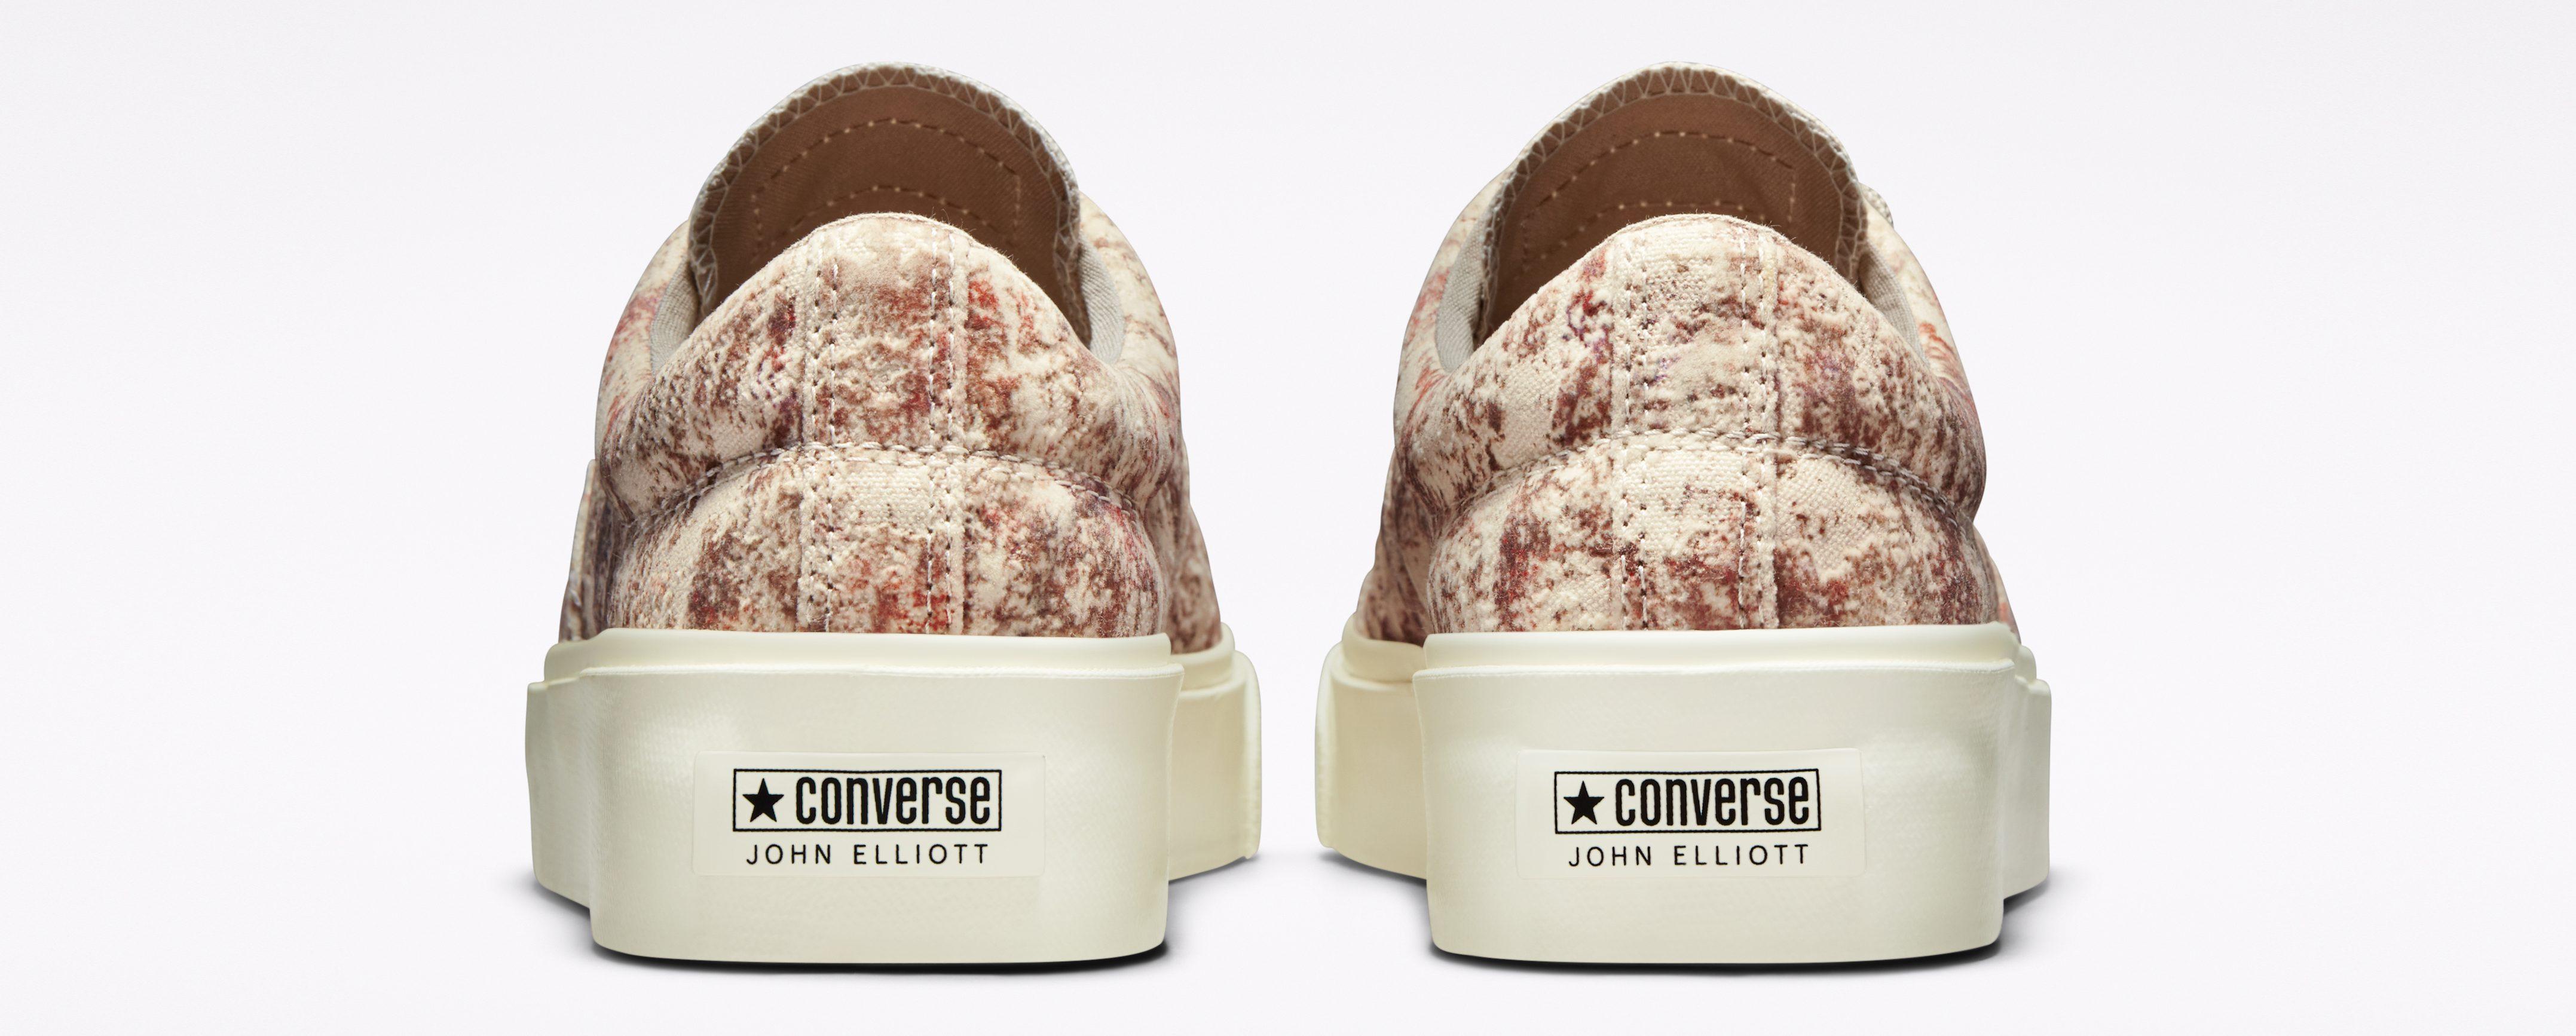 John-Elliott-Converse-Skid-Grip-brown-heel